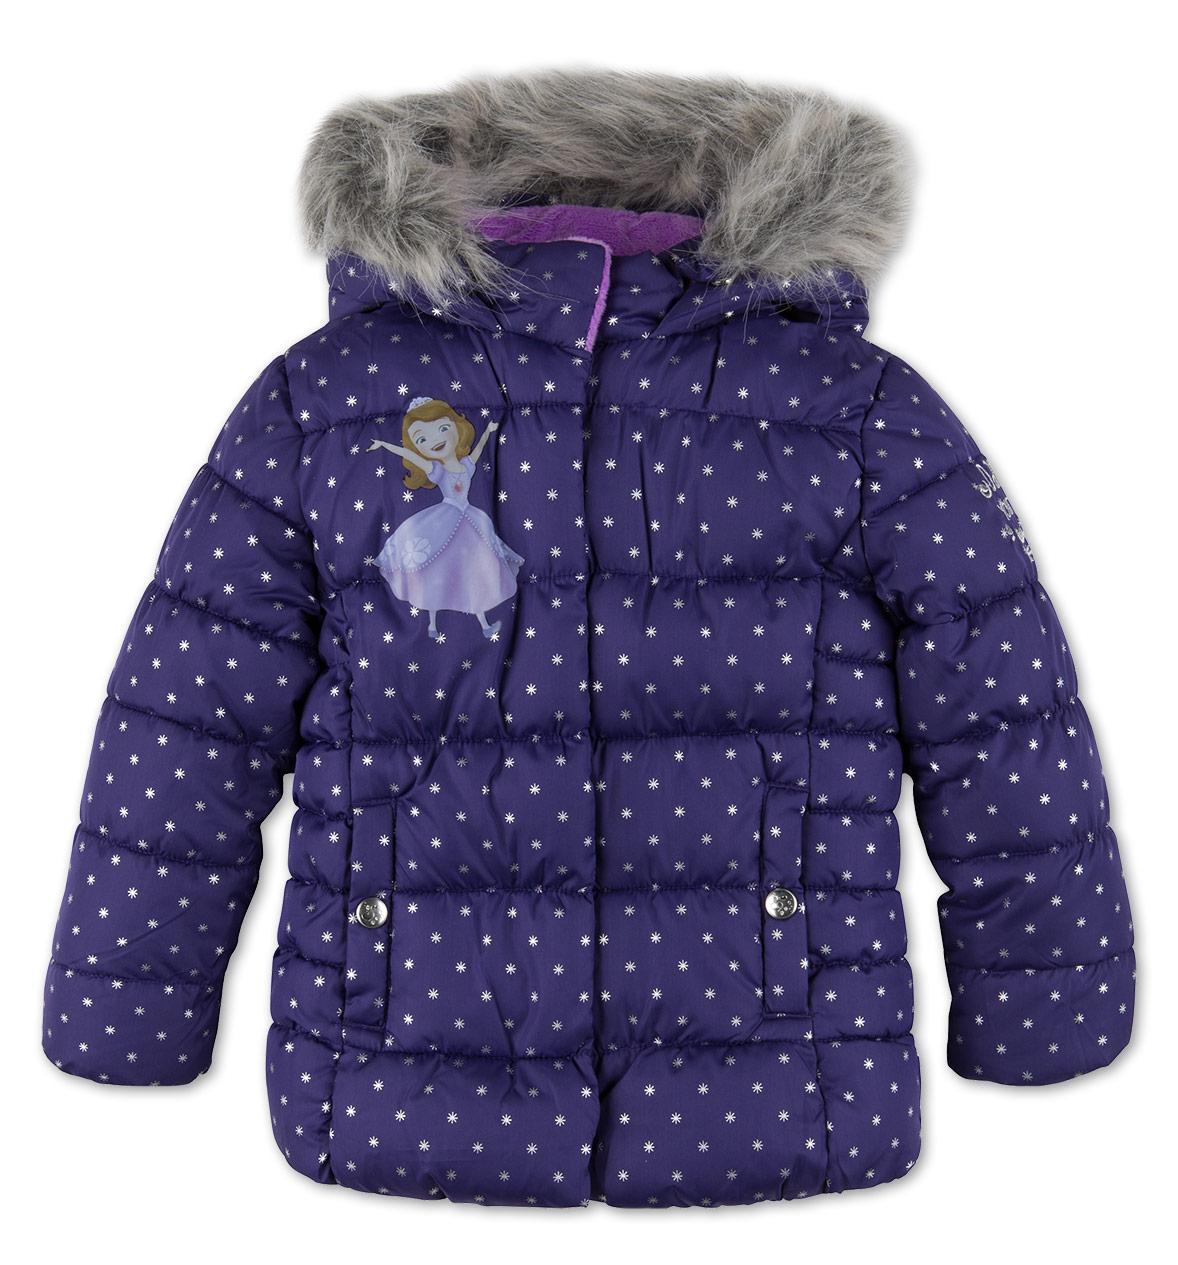 Детская зимняя куртка с Софией Прекрасной C&A Германия Размер 92